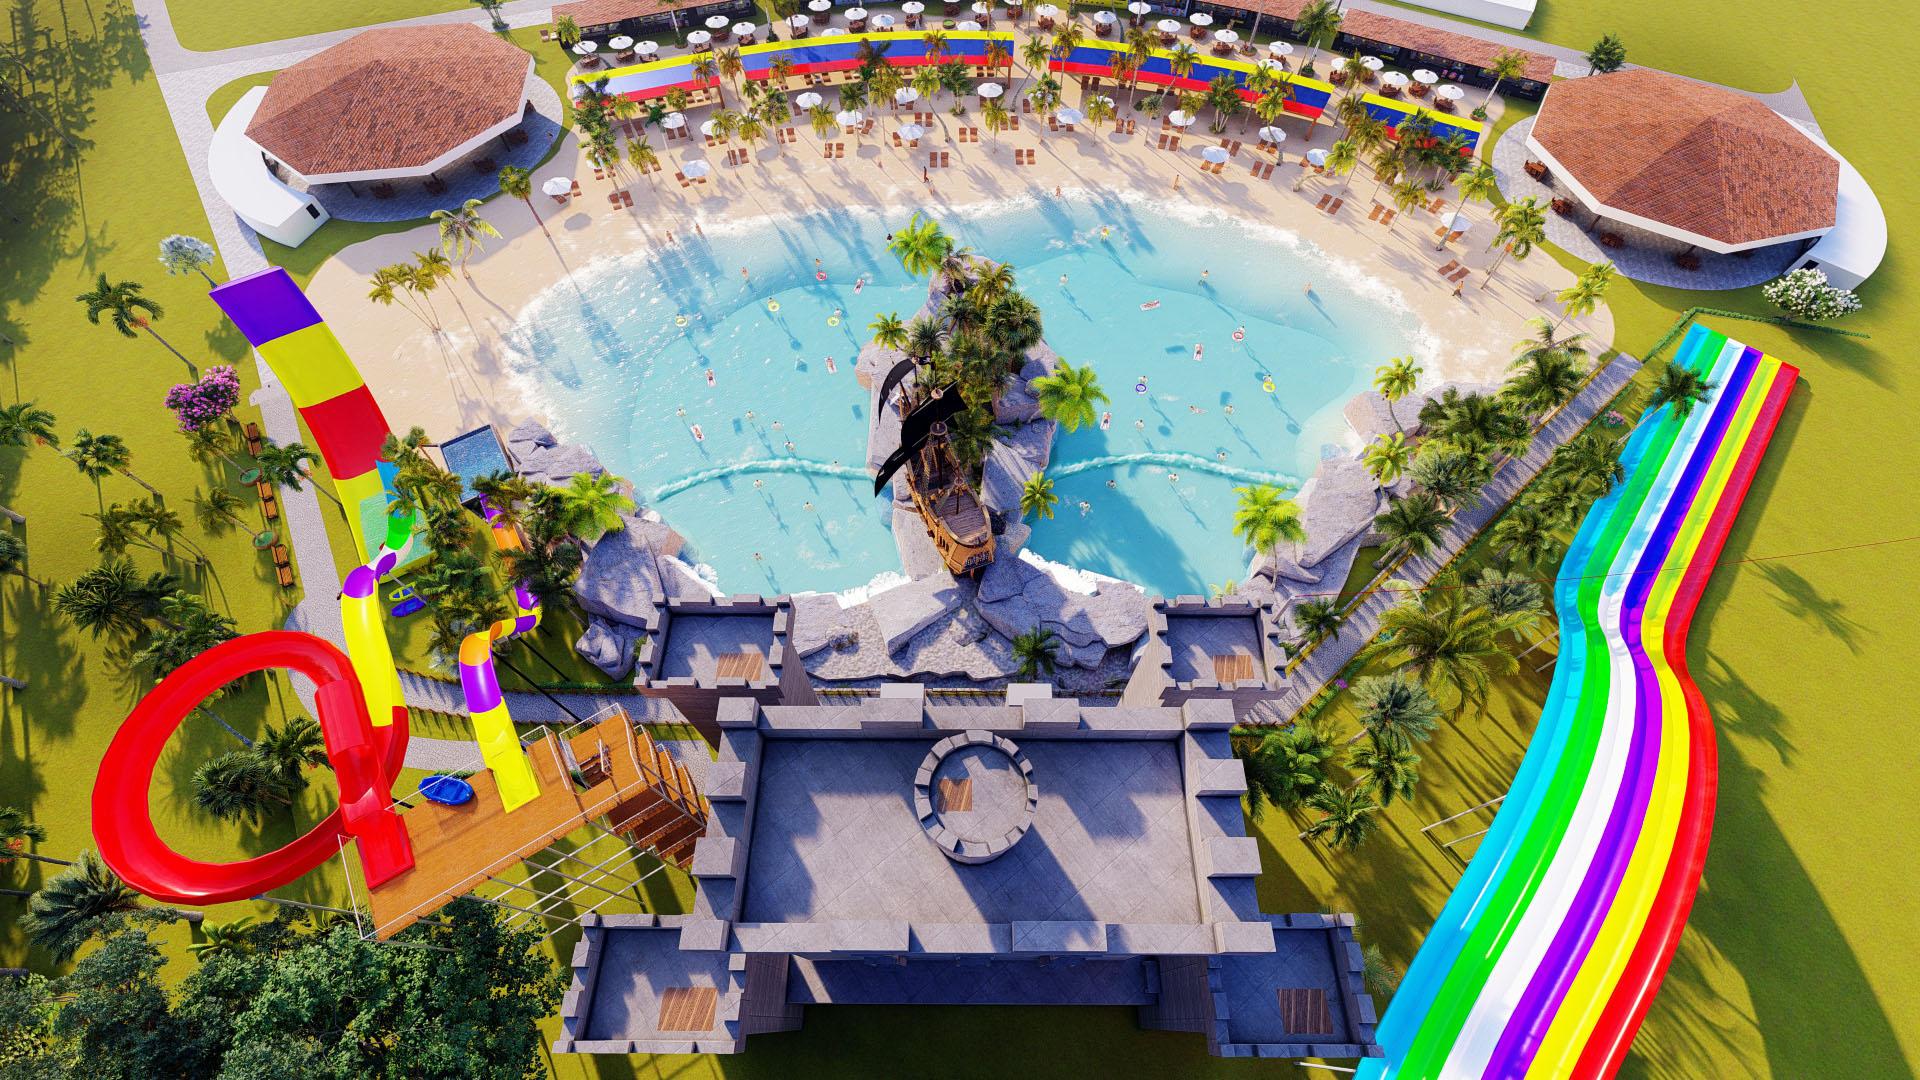 São José da Lapa instala Parque Aquático e espera receber mais de 500 mil Turistas por ano